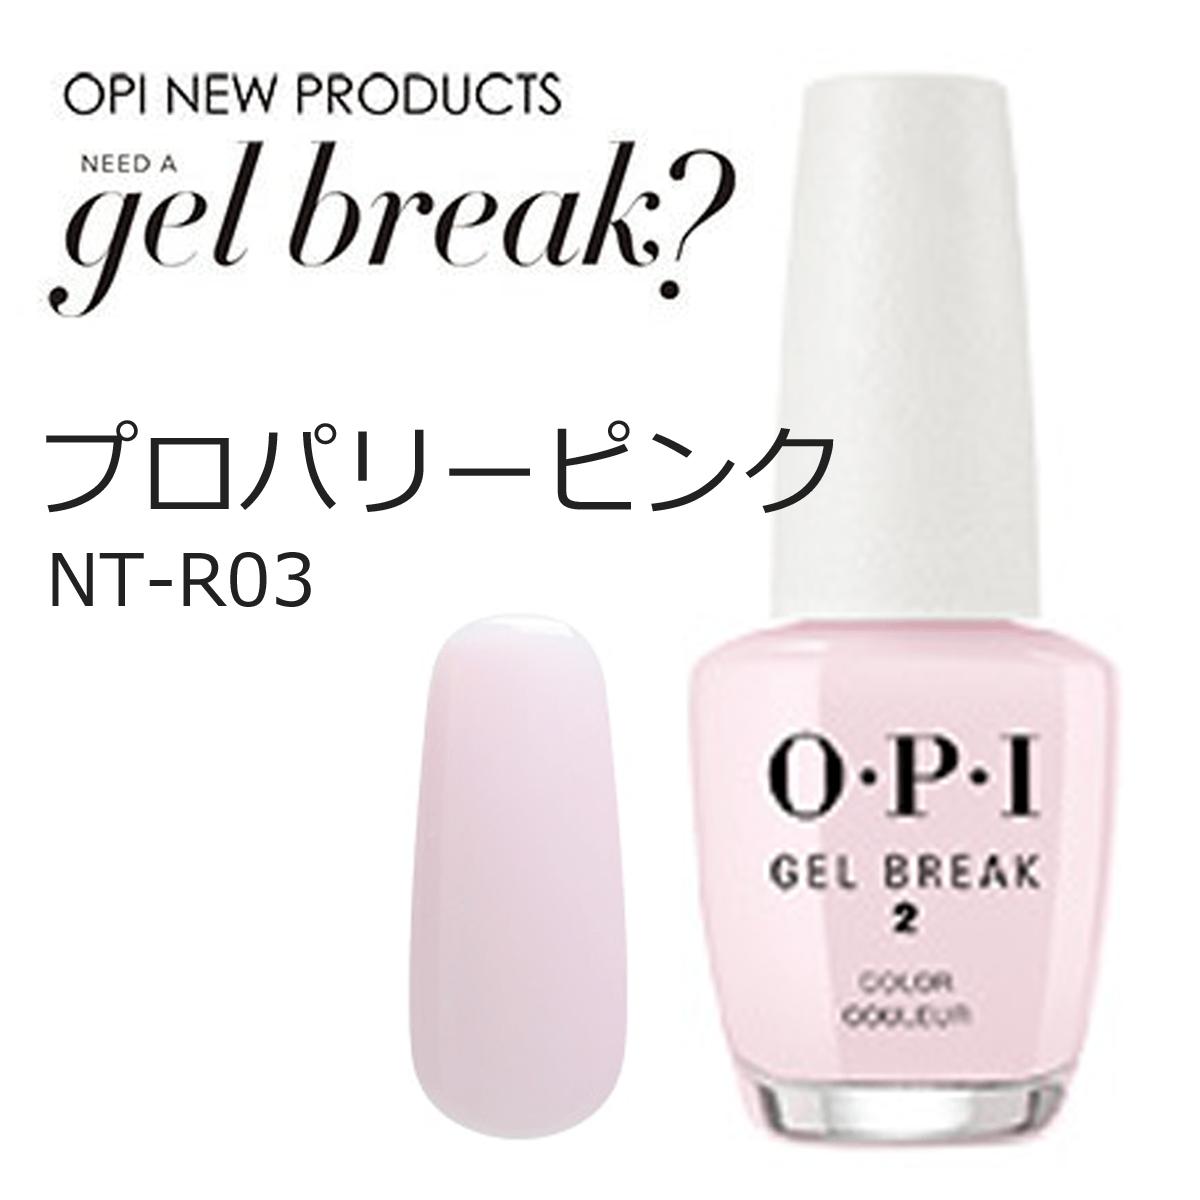 OPI ジェルブレイク ネイルラッカー プロパリー ピンク NTR03 15ml 美爪 凹凸 半透明カラー ムラになりにくい